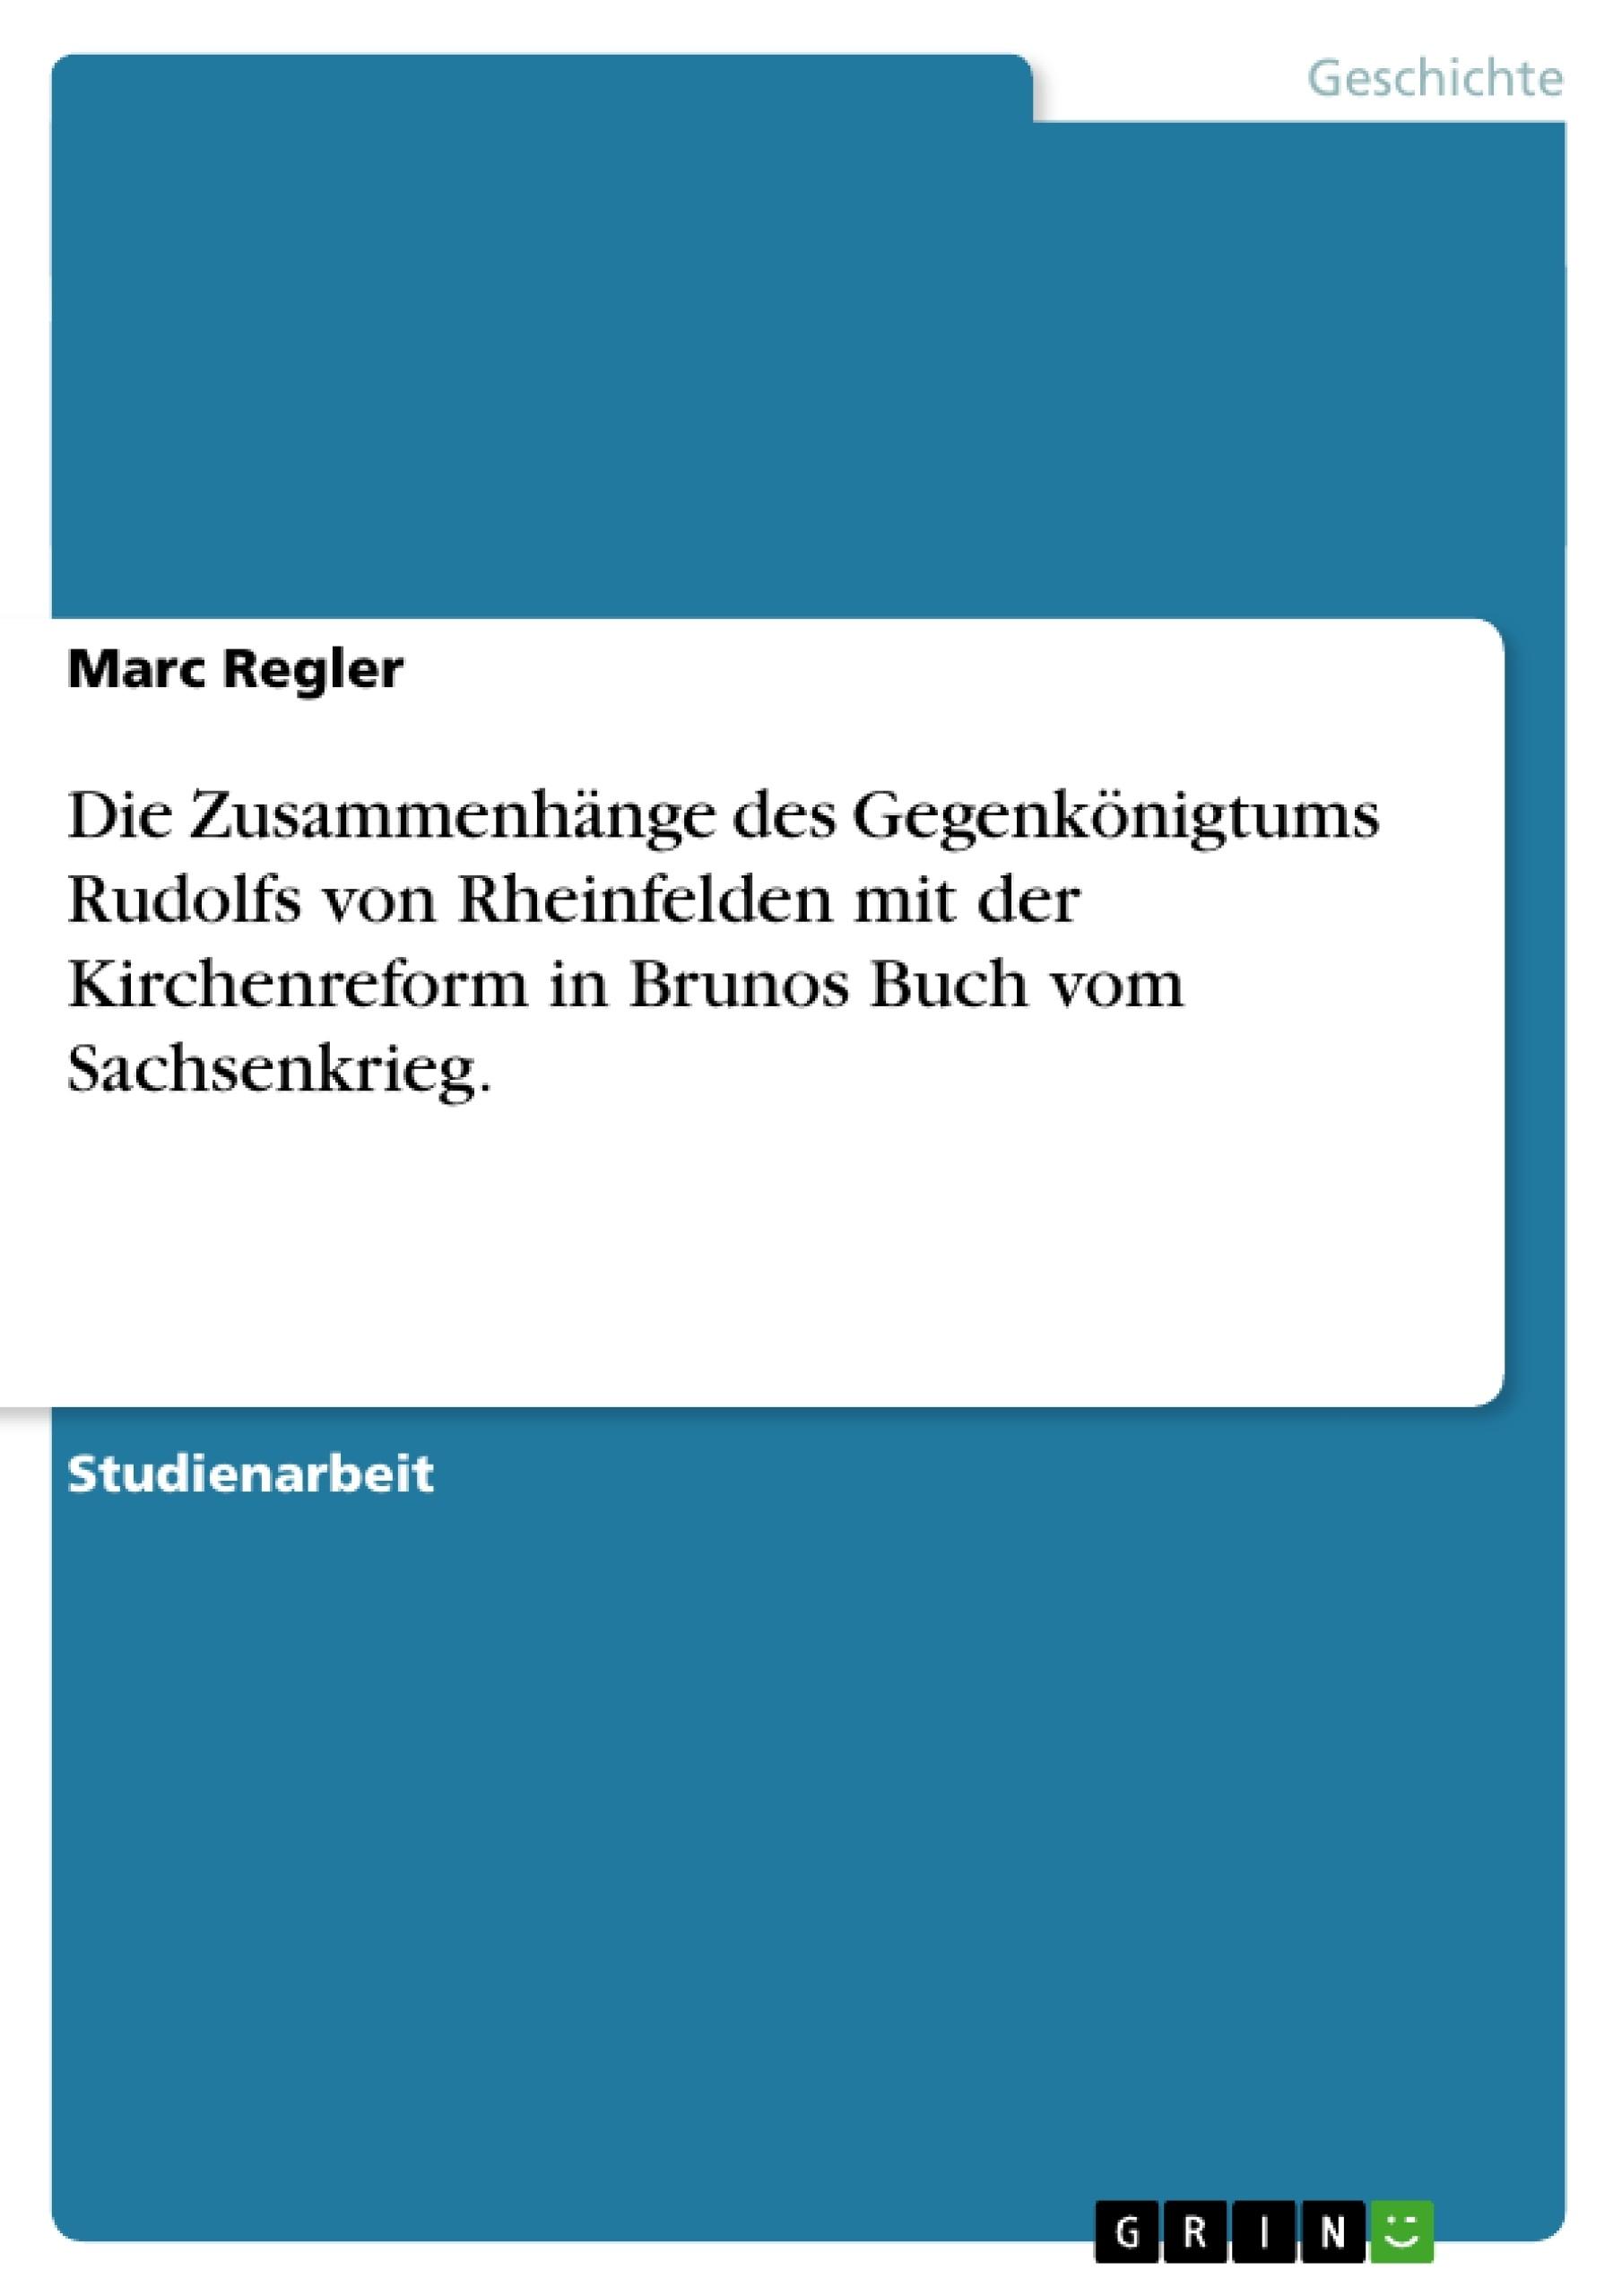 Titel: Die Zusammenhänge des Gegenkönigtums Rudolfs von Rheinfelden mit der Kirchenreform in Brunos Buch vom Sachsenkrieg.